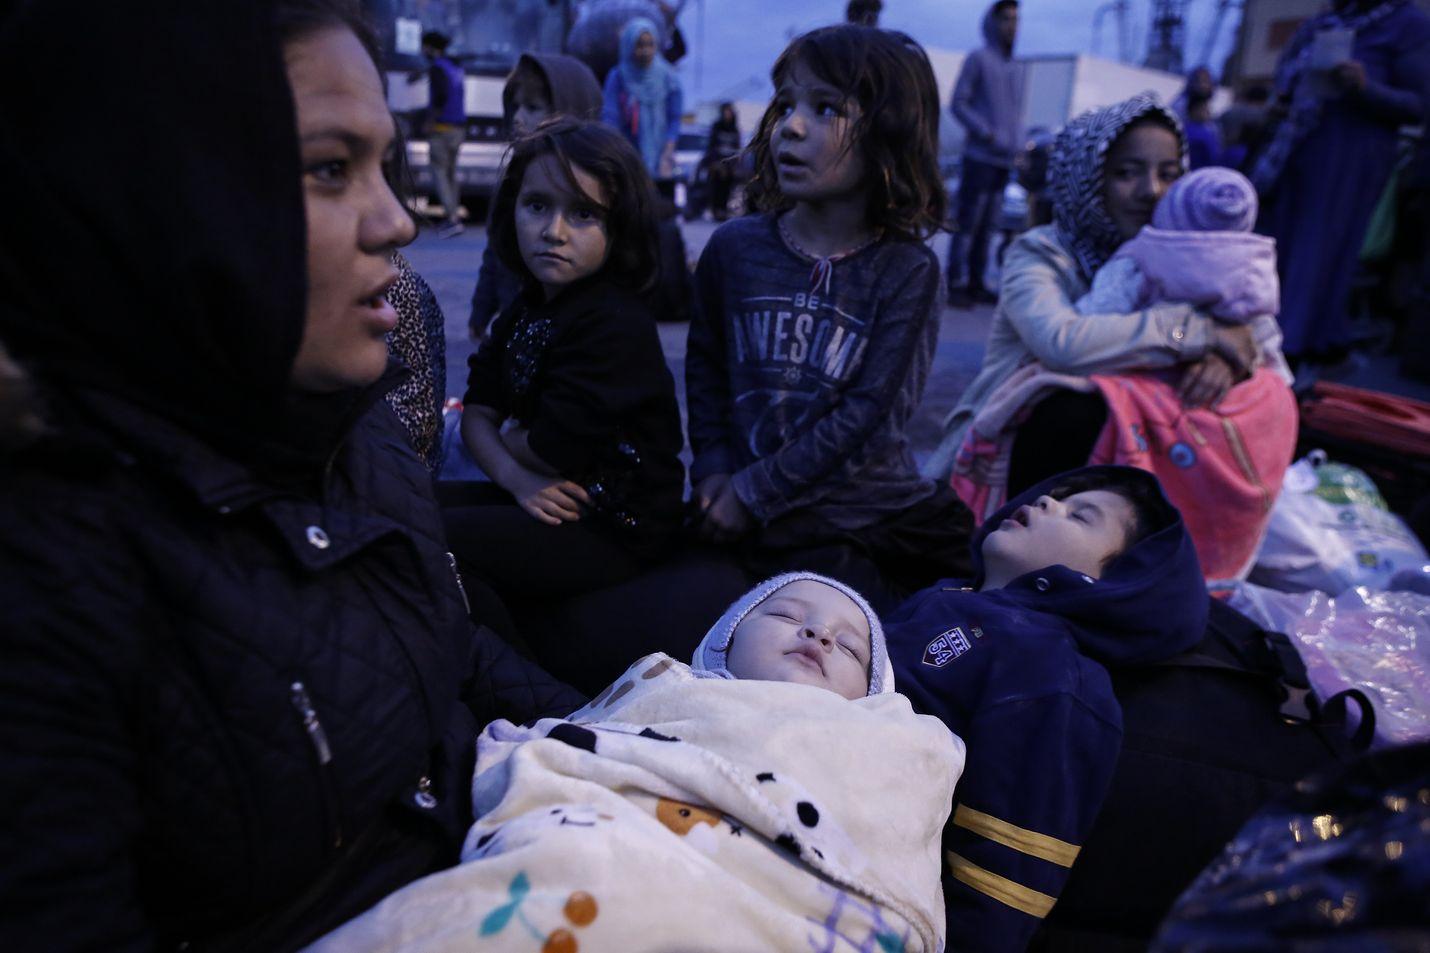 Nainen lapsineen pääsi lokakuun alussa pois Lesbokselta, kun Kreikka siirsi 453 haavoittuvimpiin luokiteltua turvapaikanhakijaa Vagiohorin leirille mantereelle.